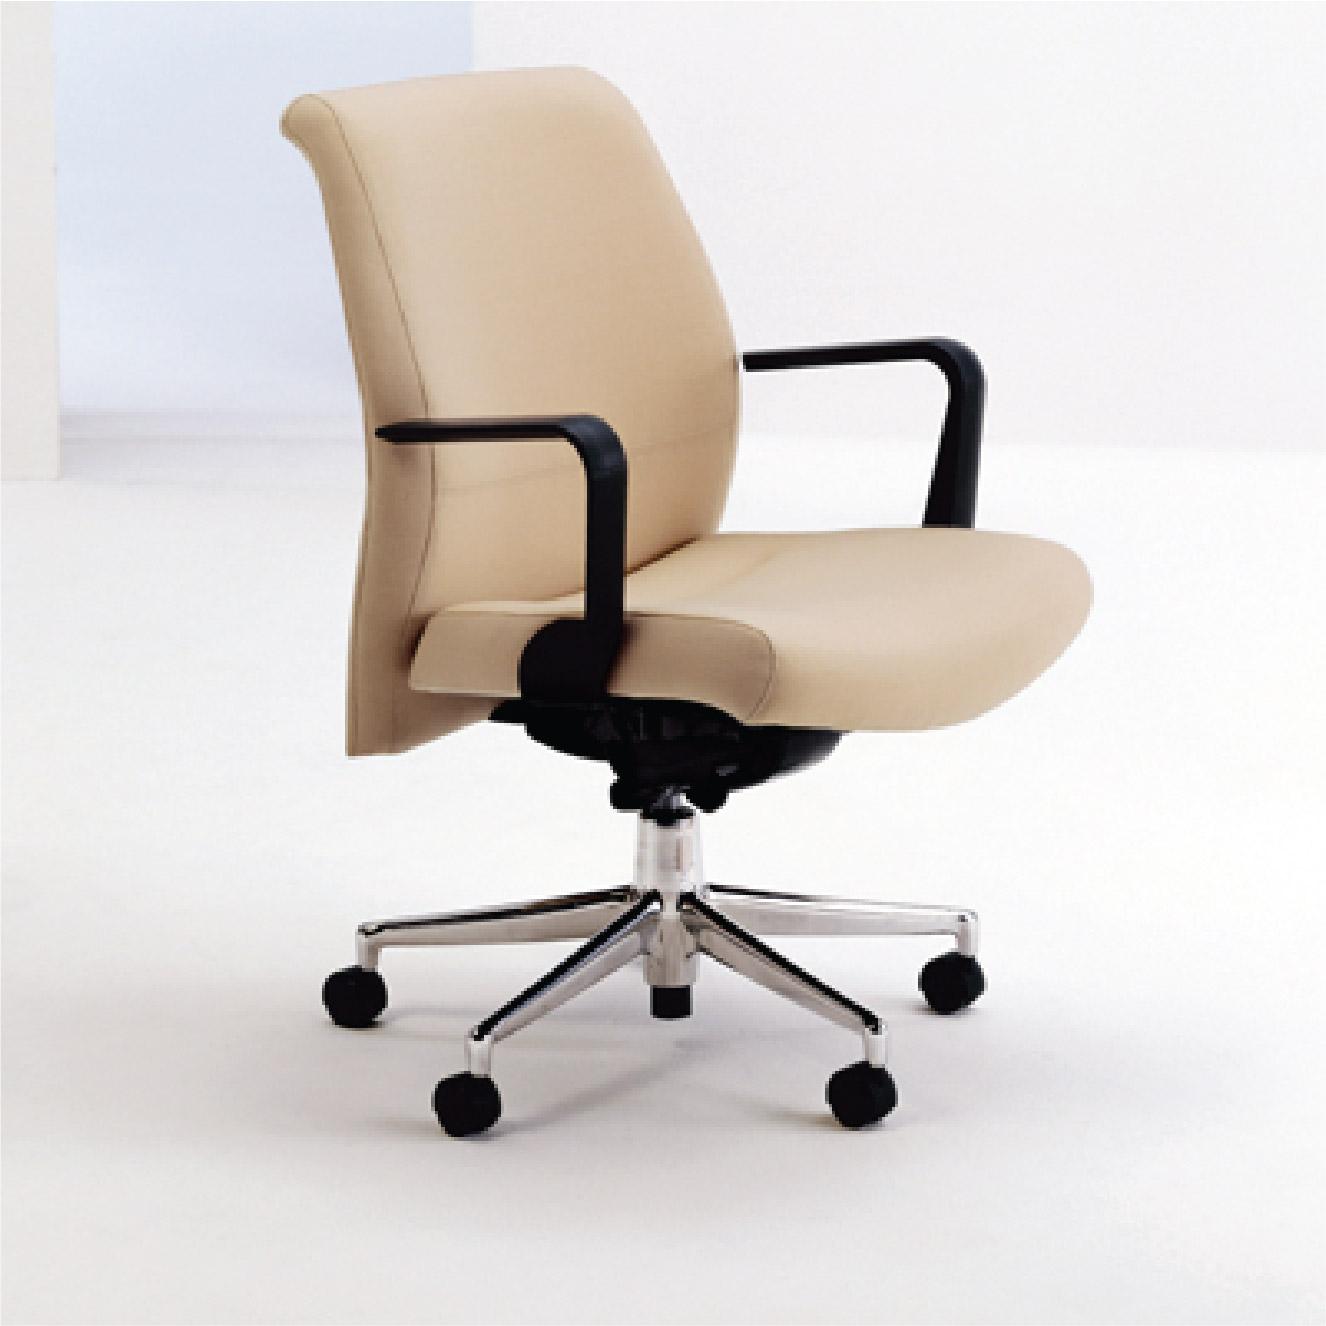 Kimball Executive Seating